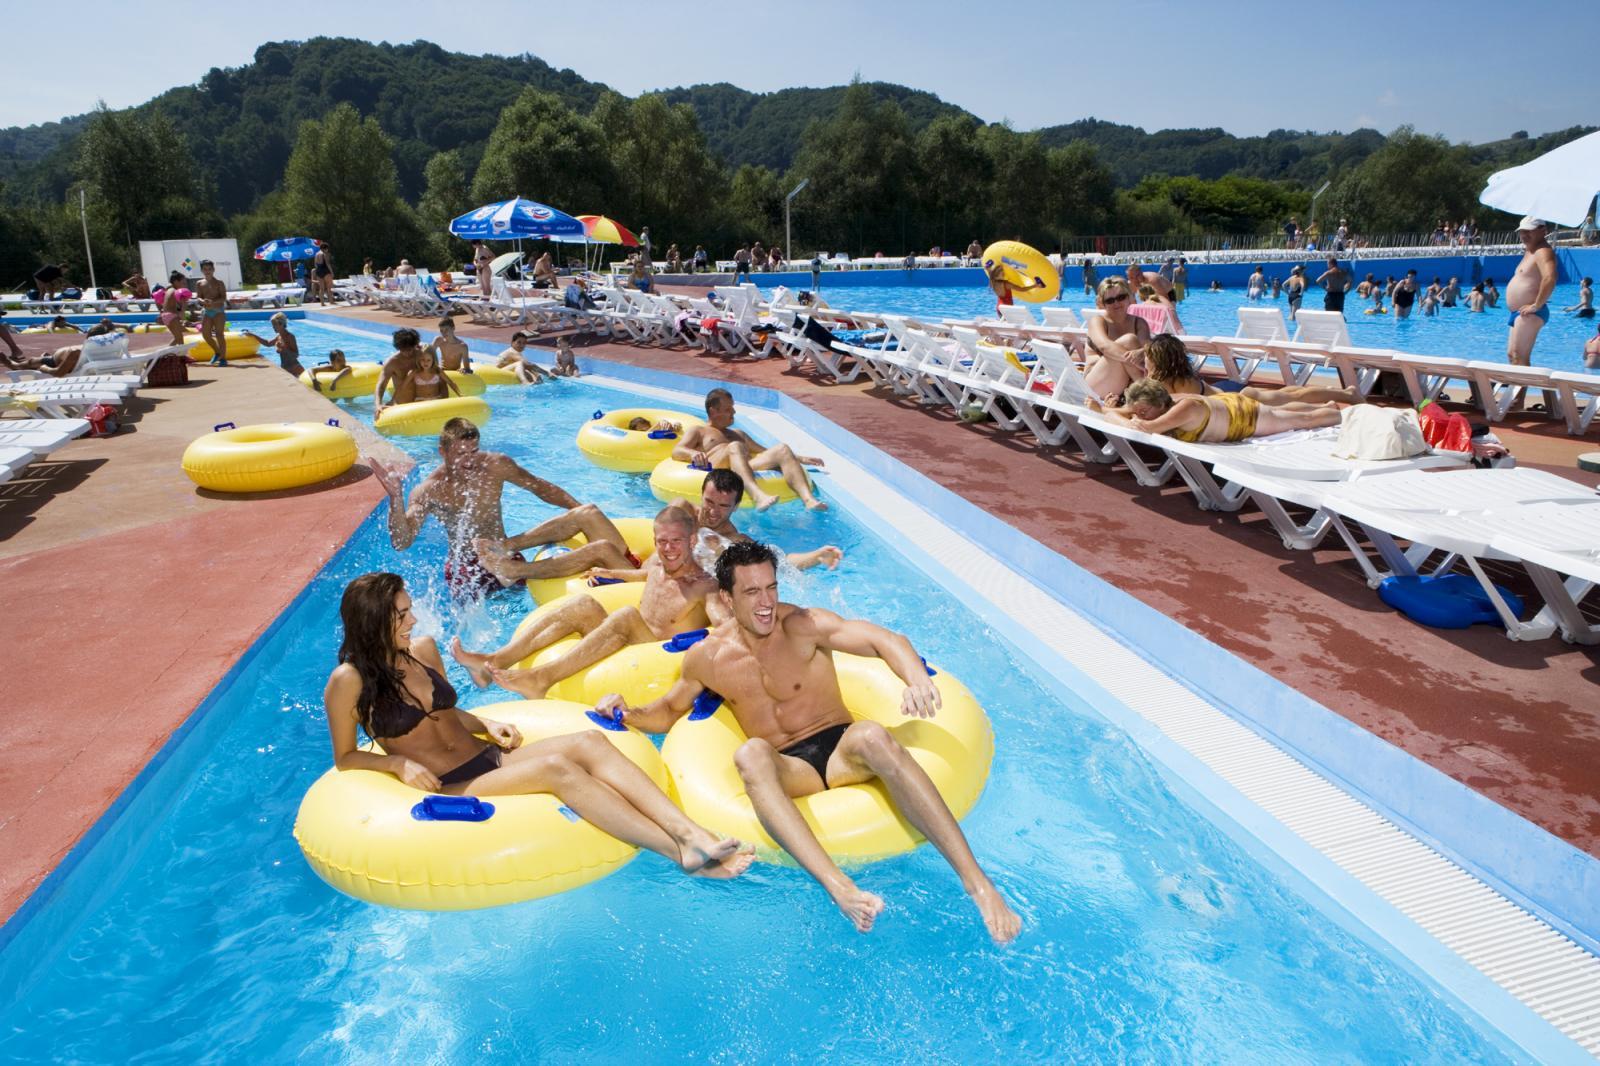 Ne bi li bilo divno pobjeći za vikend iz grada i uživati u ljetnim radostima?